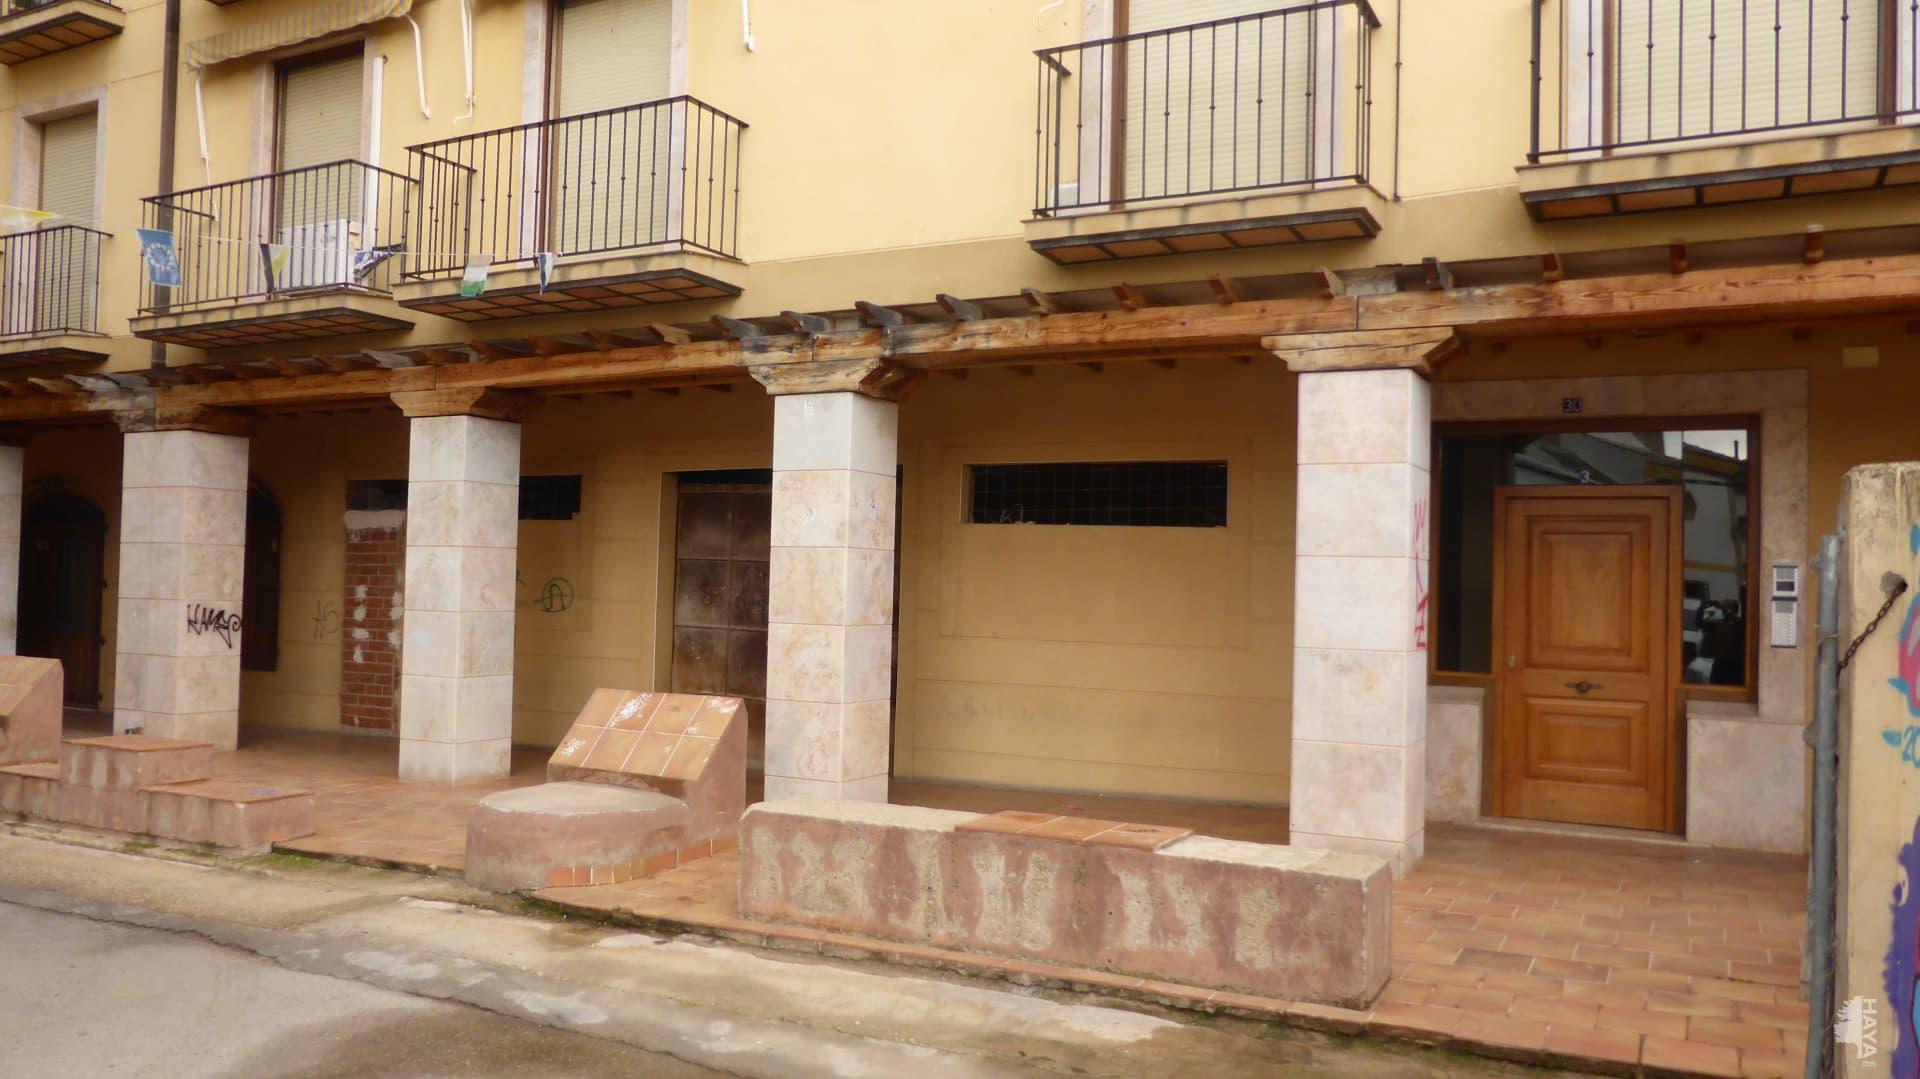 Local en venta en Herencia, Ciudad Real, Calle Mesones, 29.000 €, 103 m2